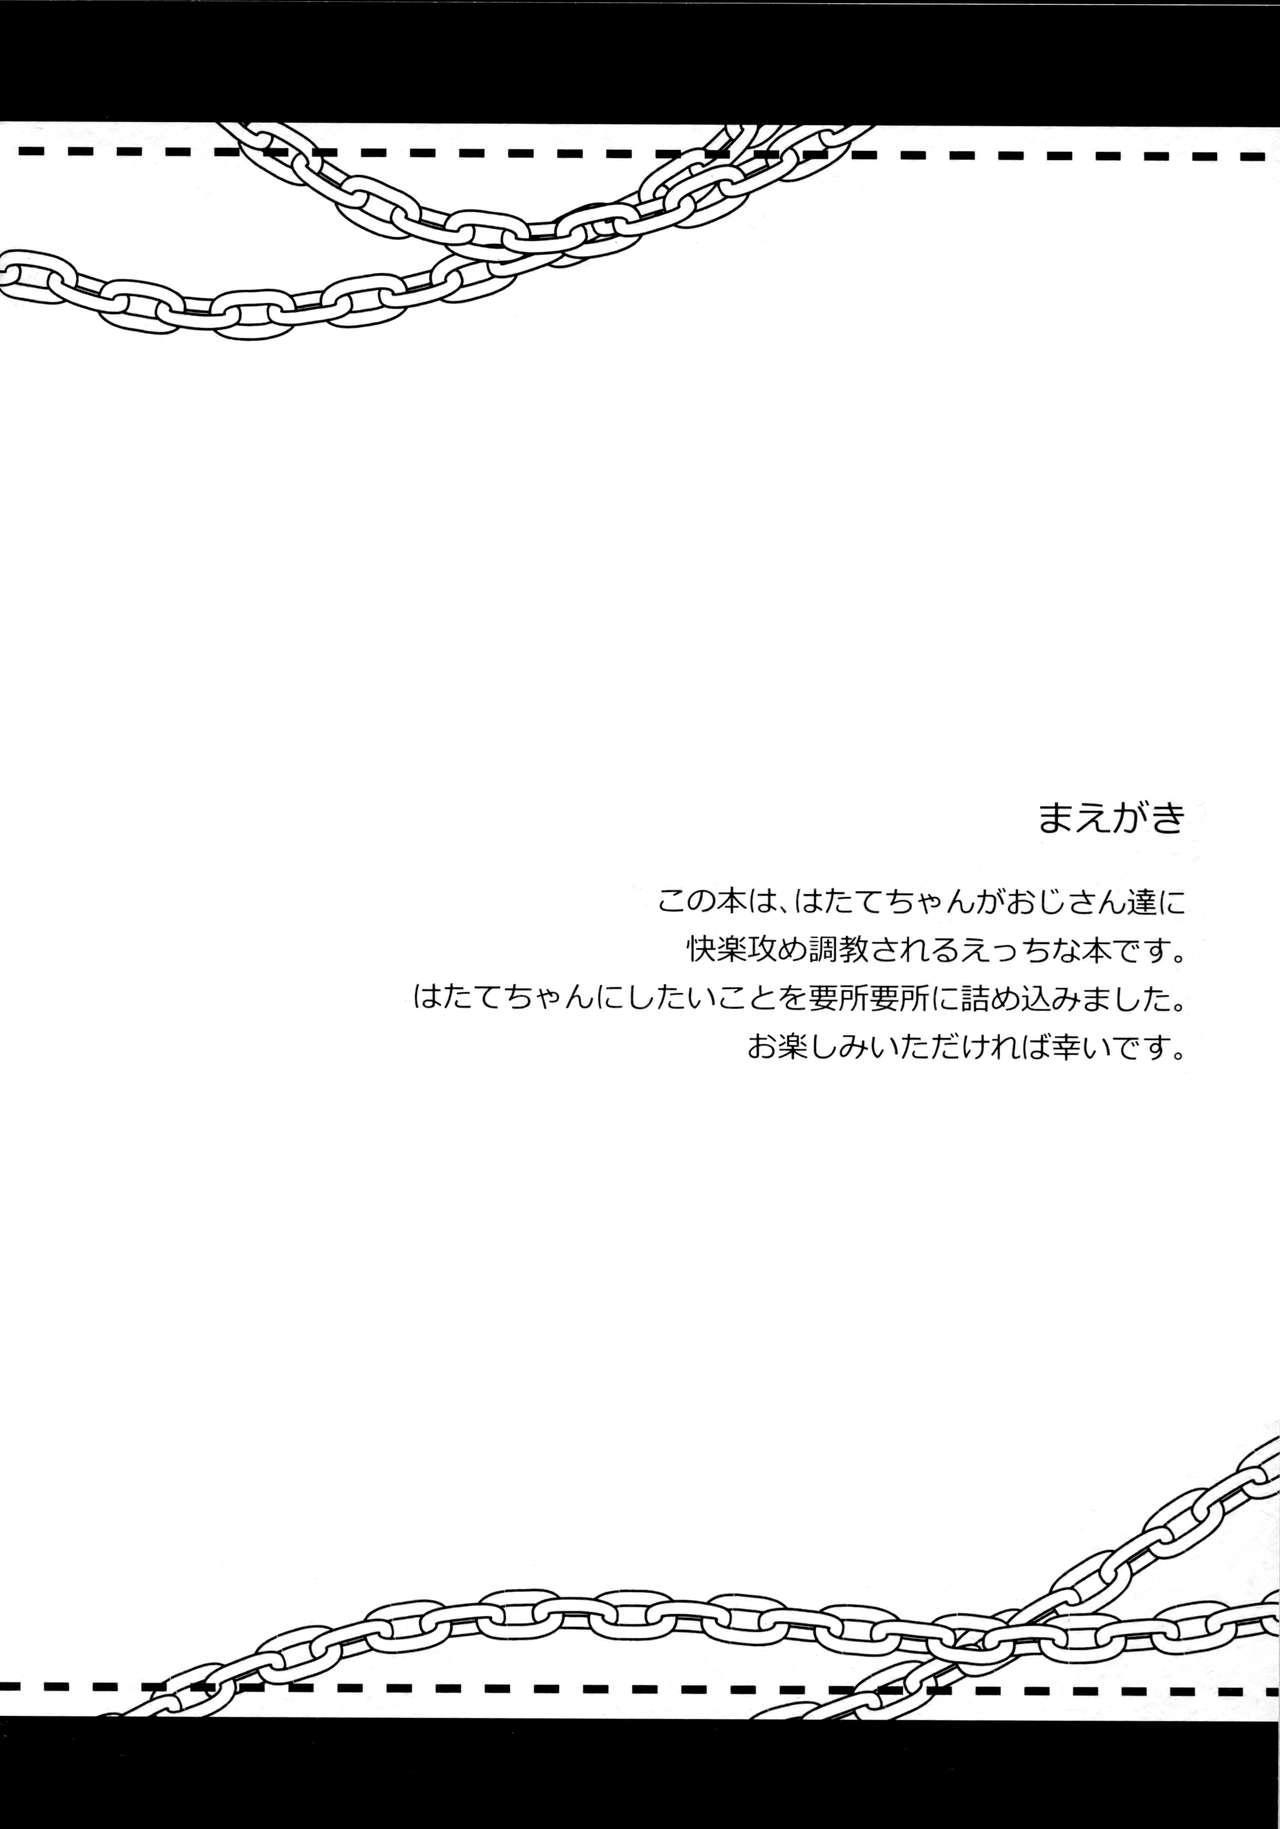 Hatate-chan Shiiku Nikki 2